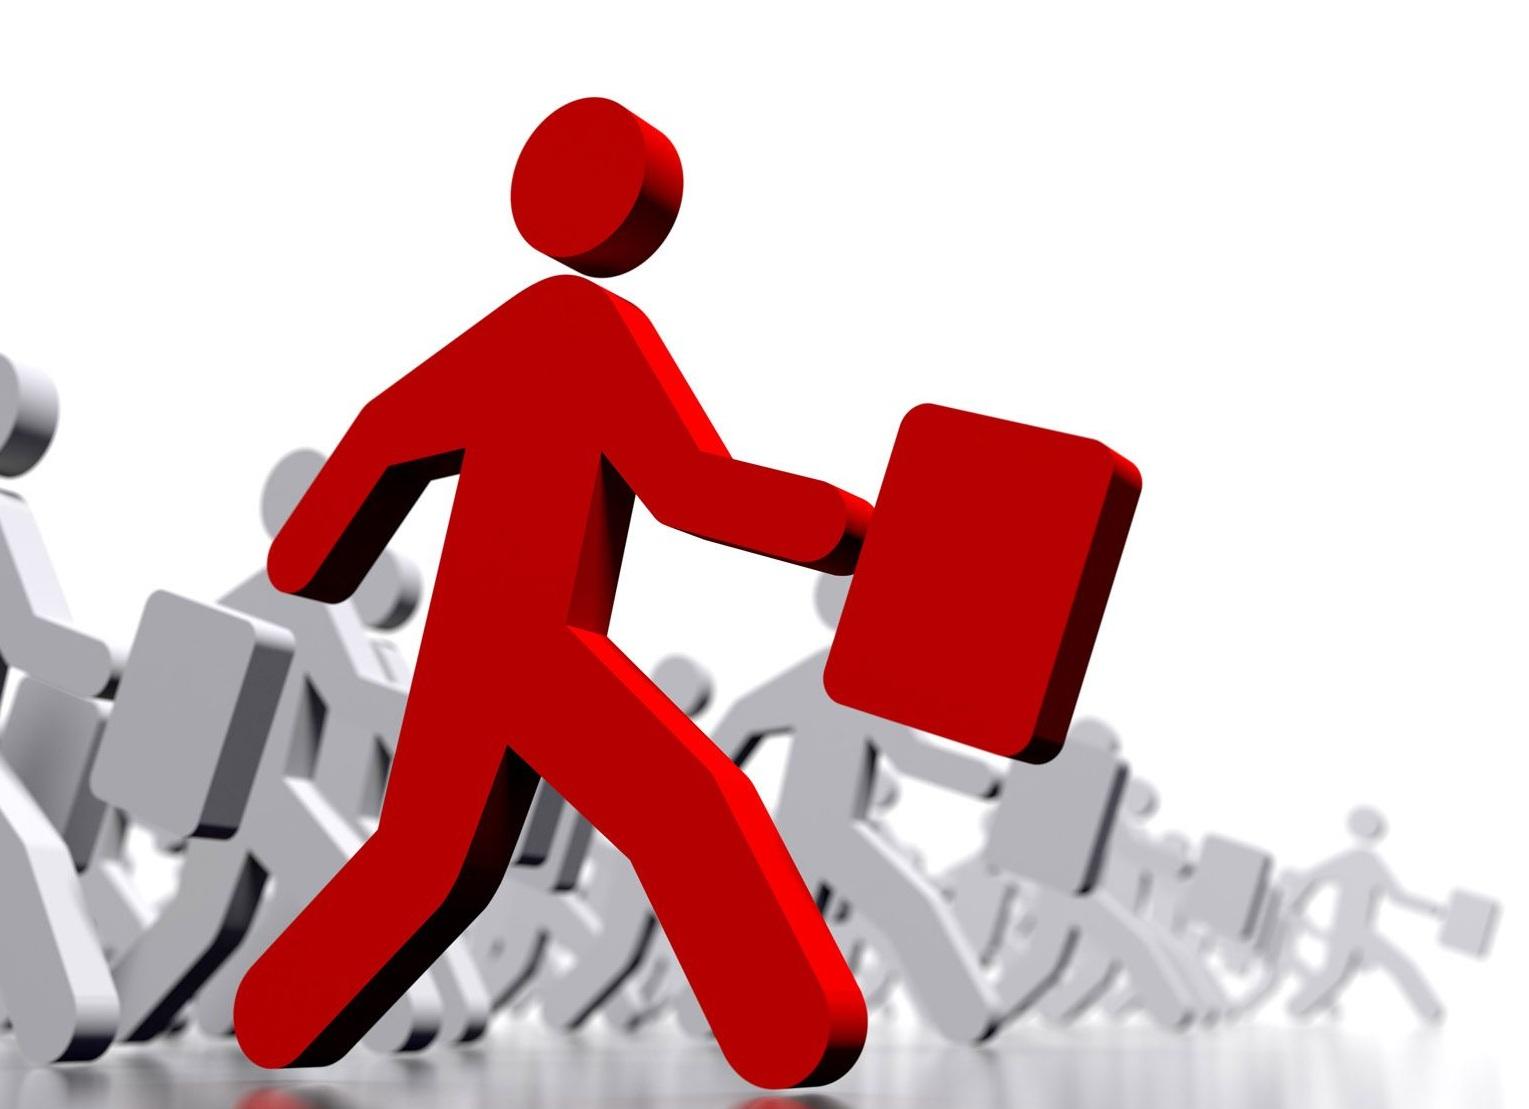 Desconexión entre desarrollo y empleo, OIT (vídeo)